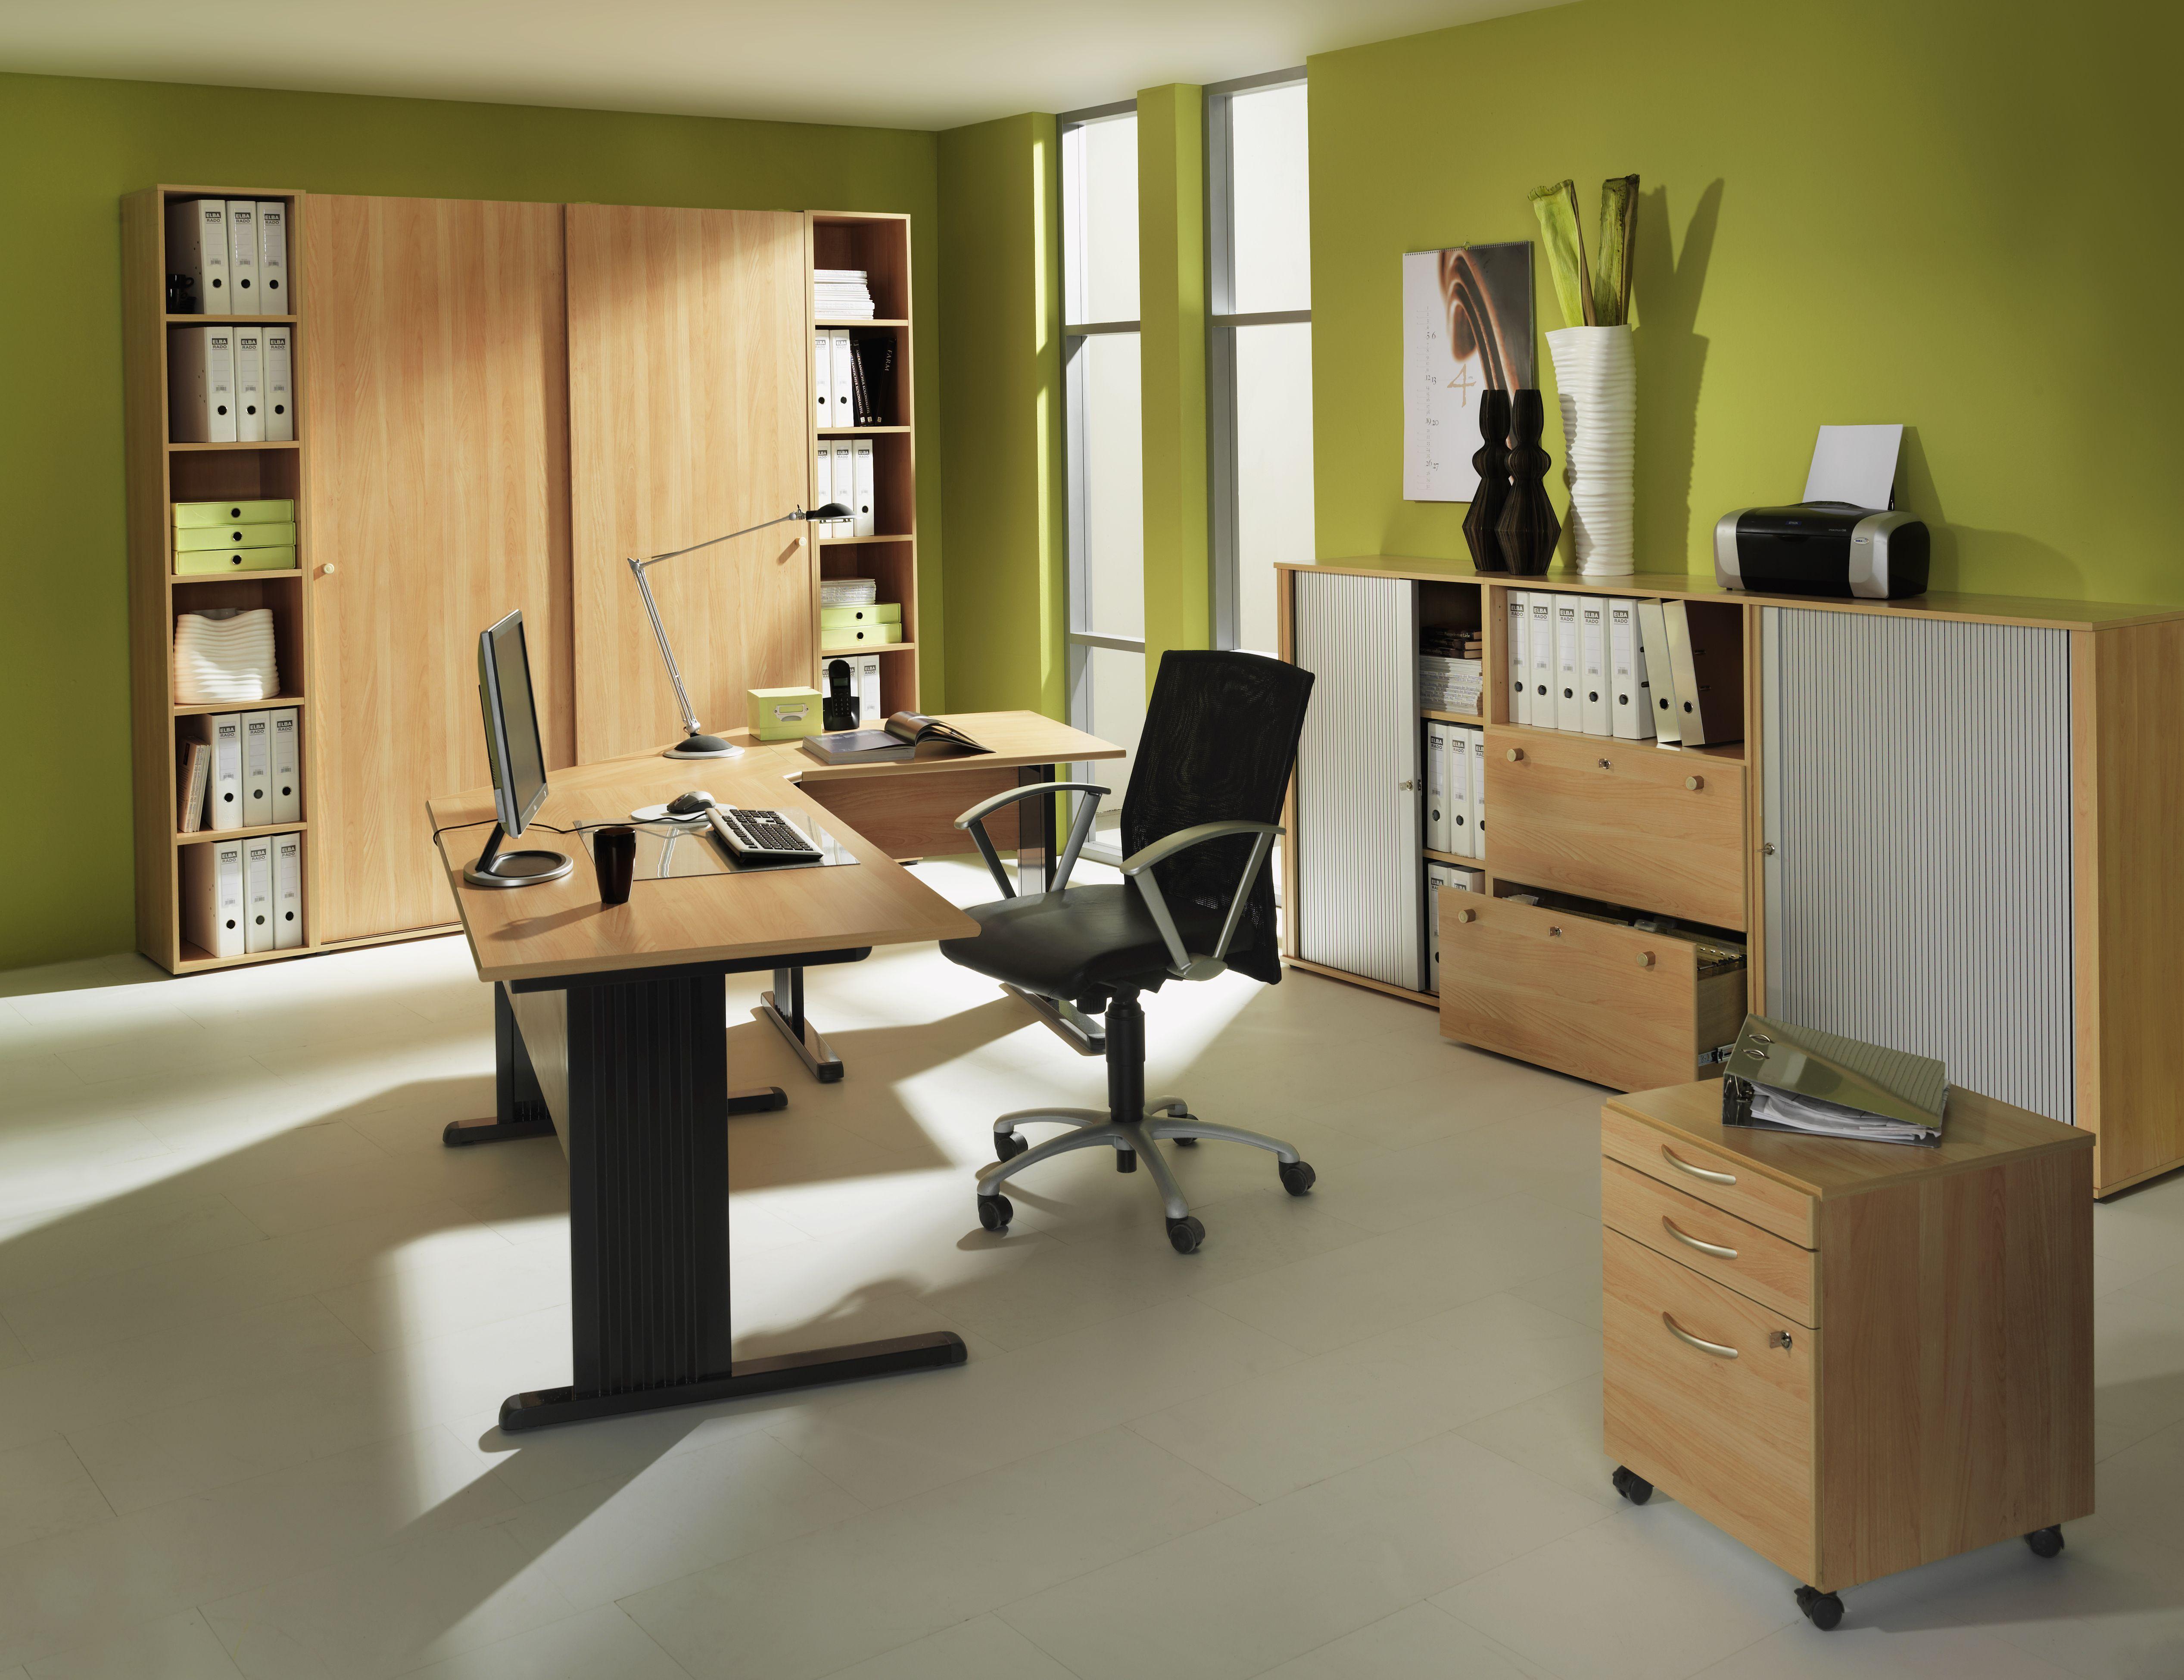 XXL-Schiebetürenschrank Office-Grau von Schäfer Shop | Büromöbel ...